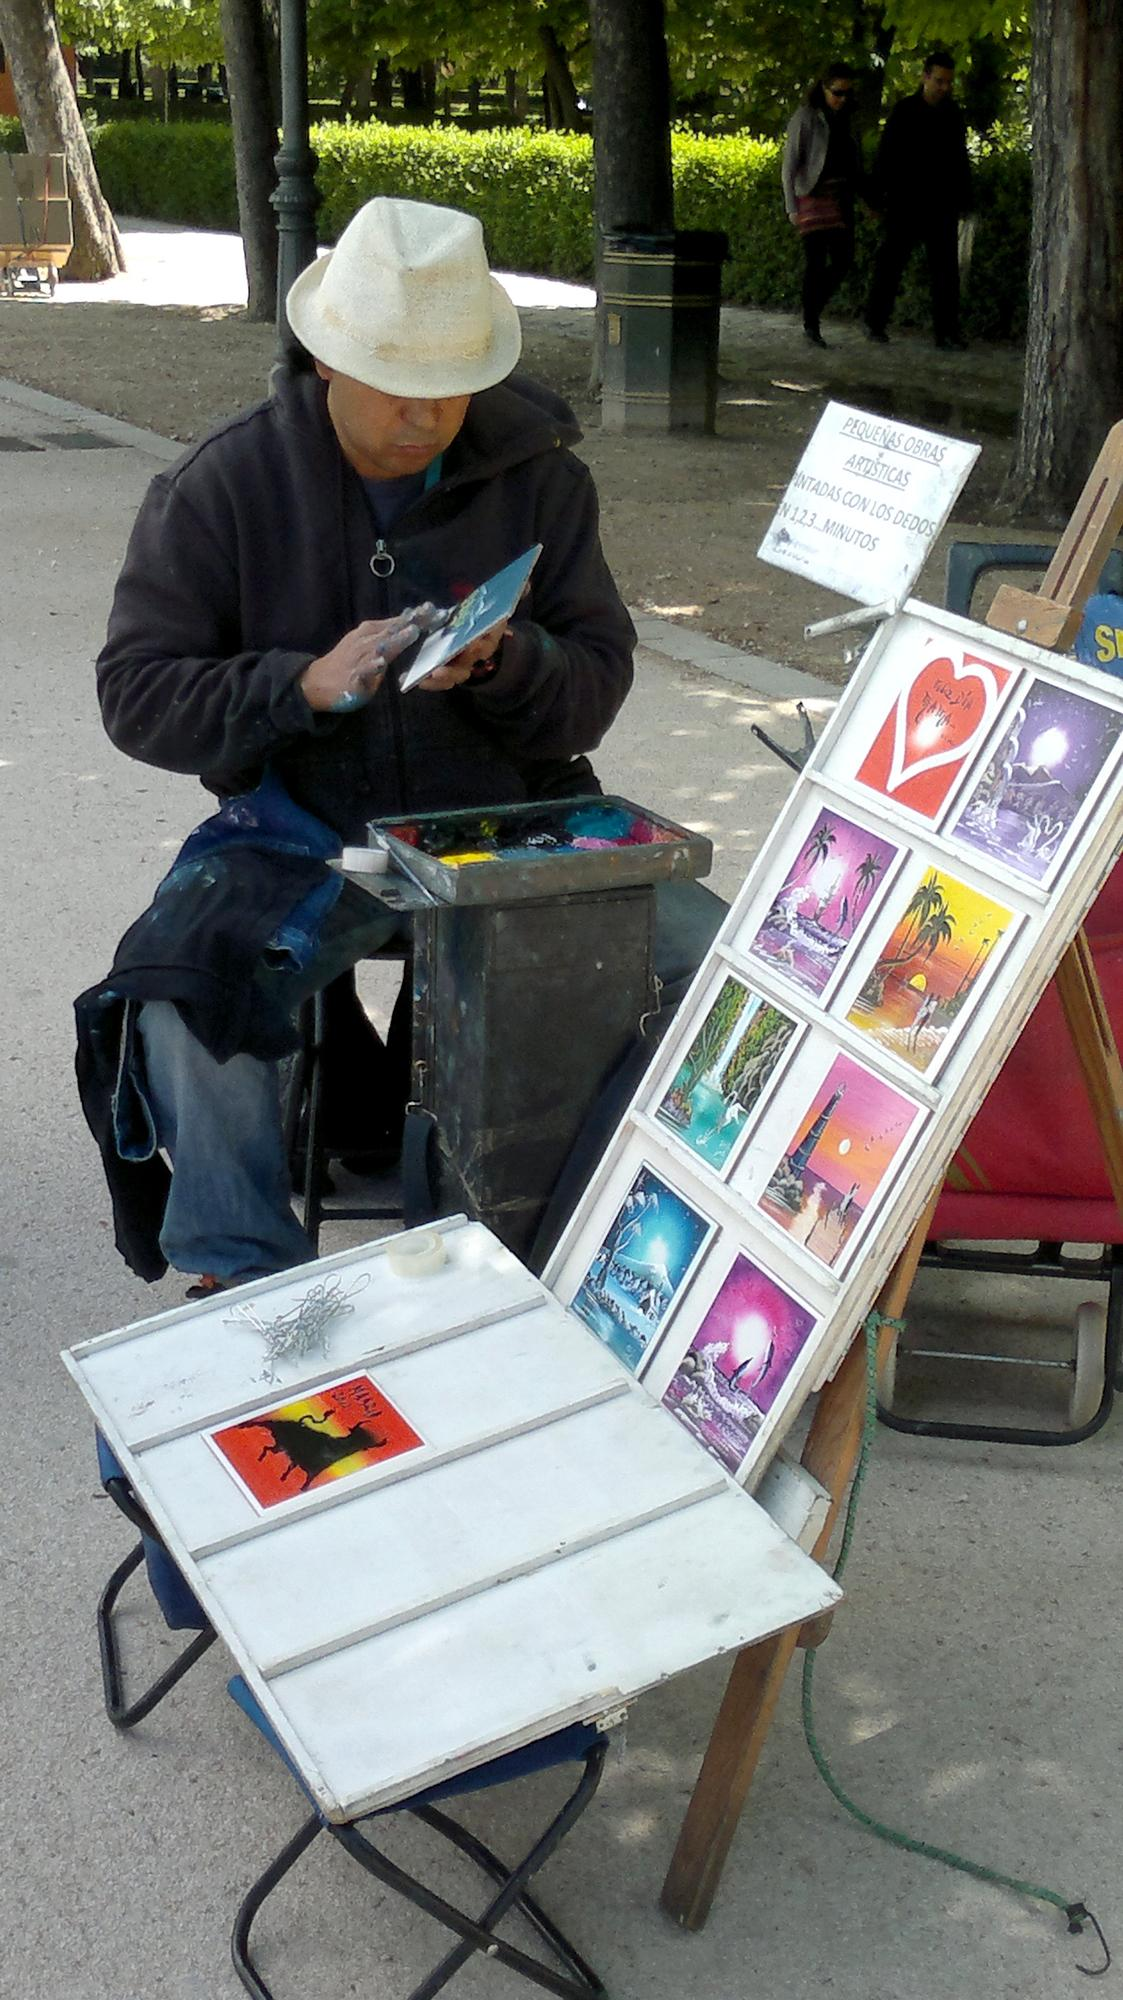 Malíř v parku Retiro